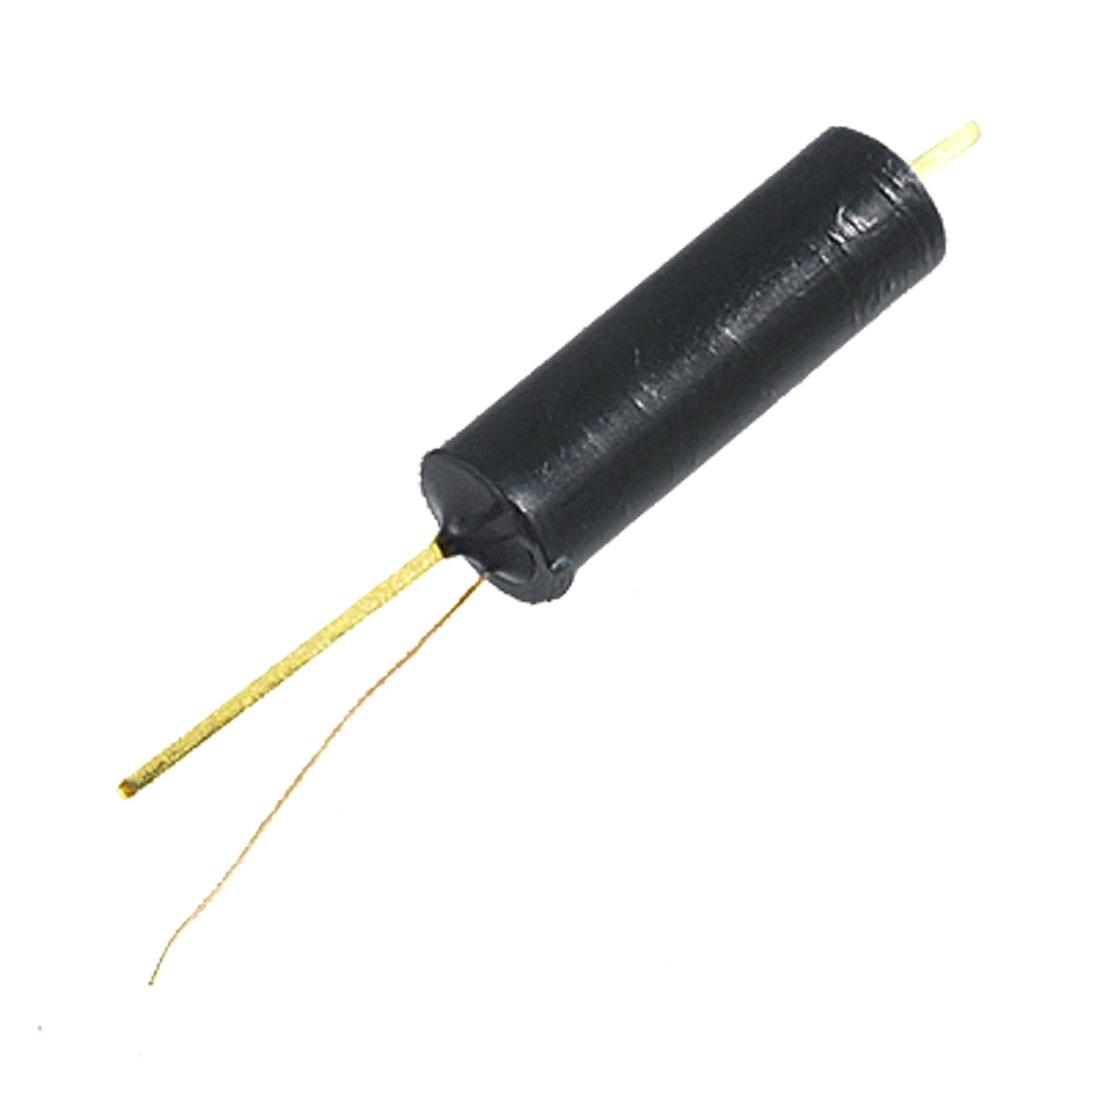 UXCELL <font><b>10</b></font> <font><b>Pcs</b></font> 12V Sw-18010 High Sensitivity <font><b>Vibration</b></font> <font><b>Sensor</b></font> <font><b>Switch</b></font>